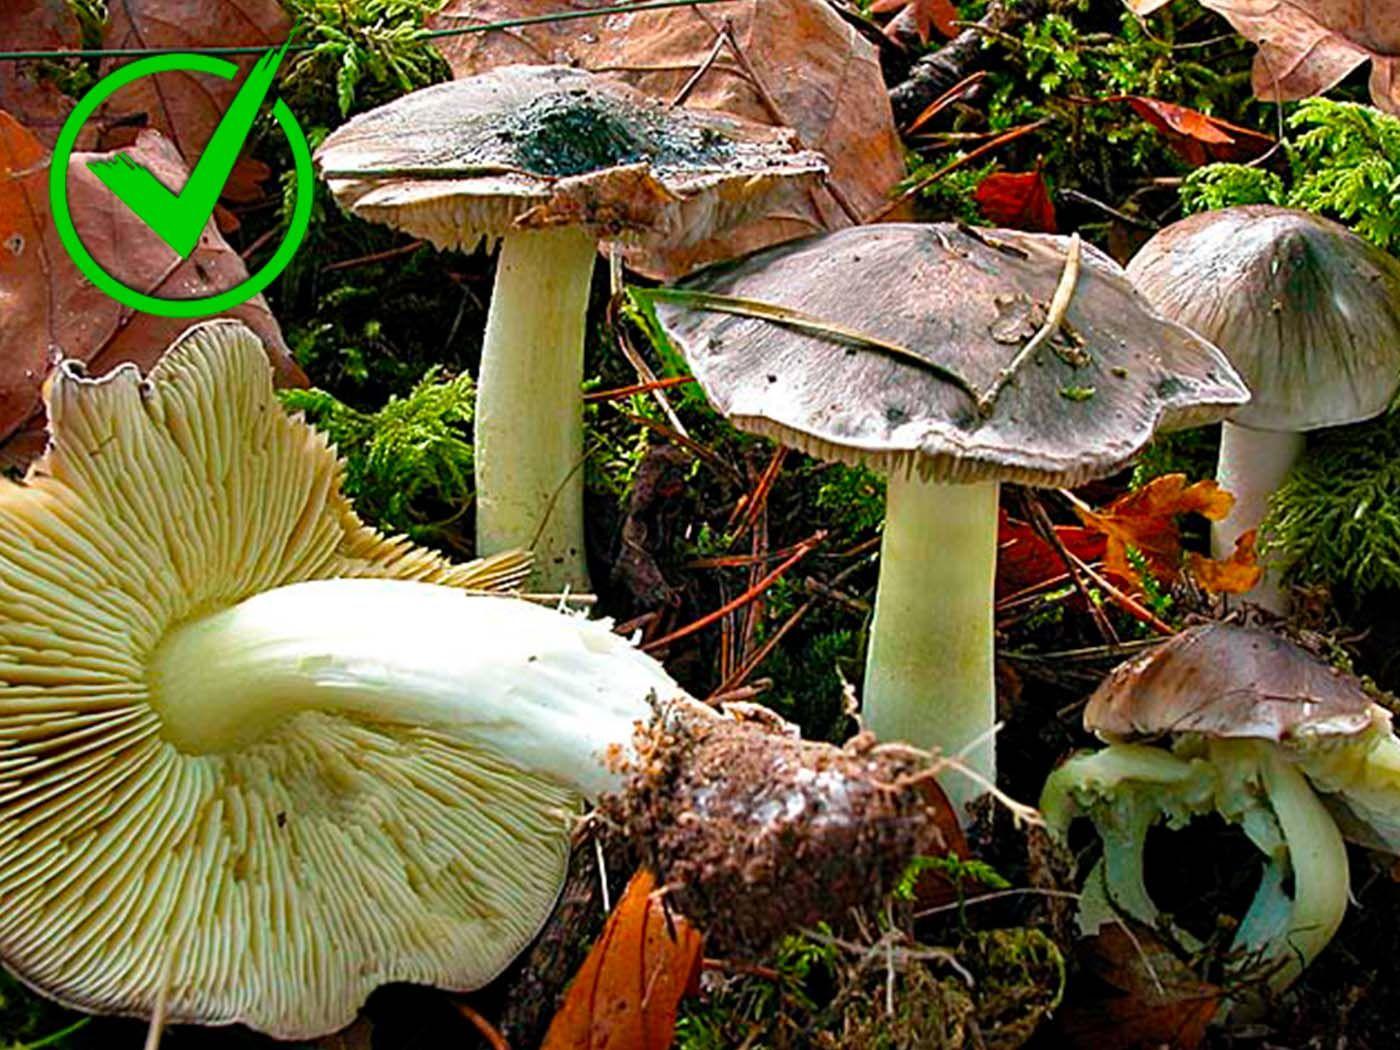 11-Tricholoma portentosum.jpg